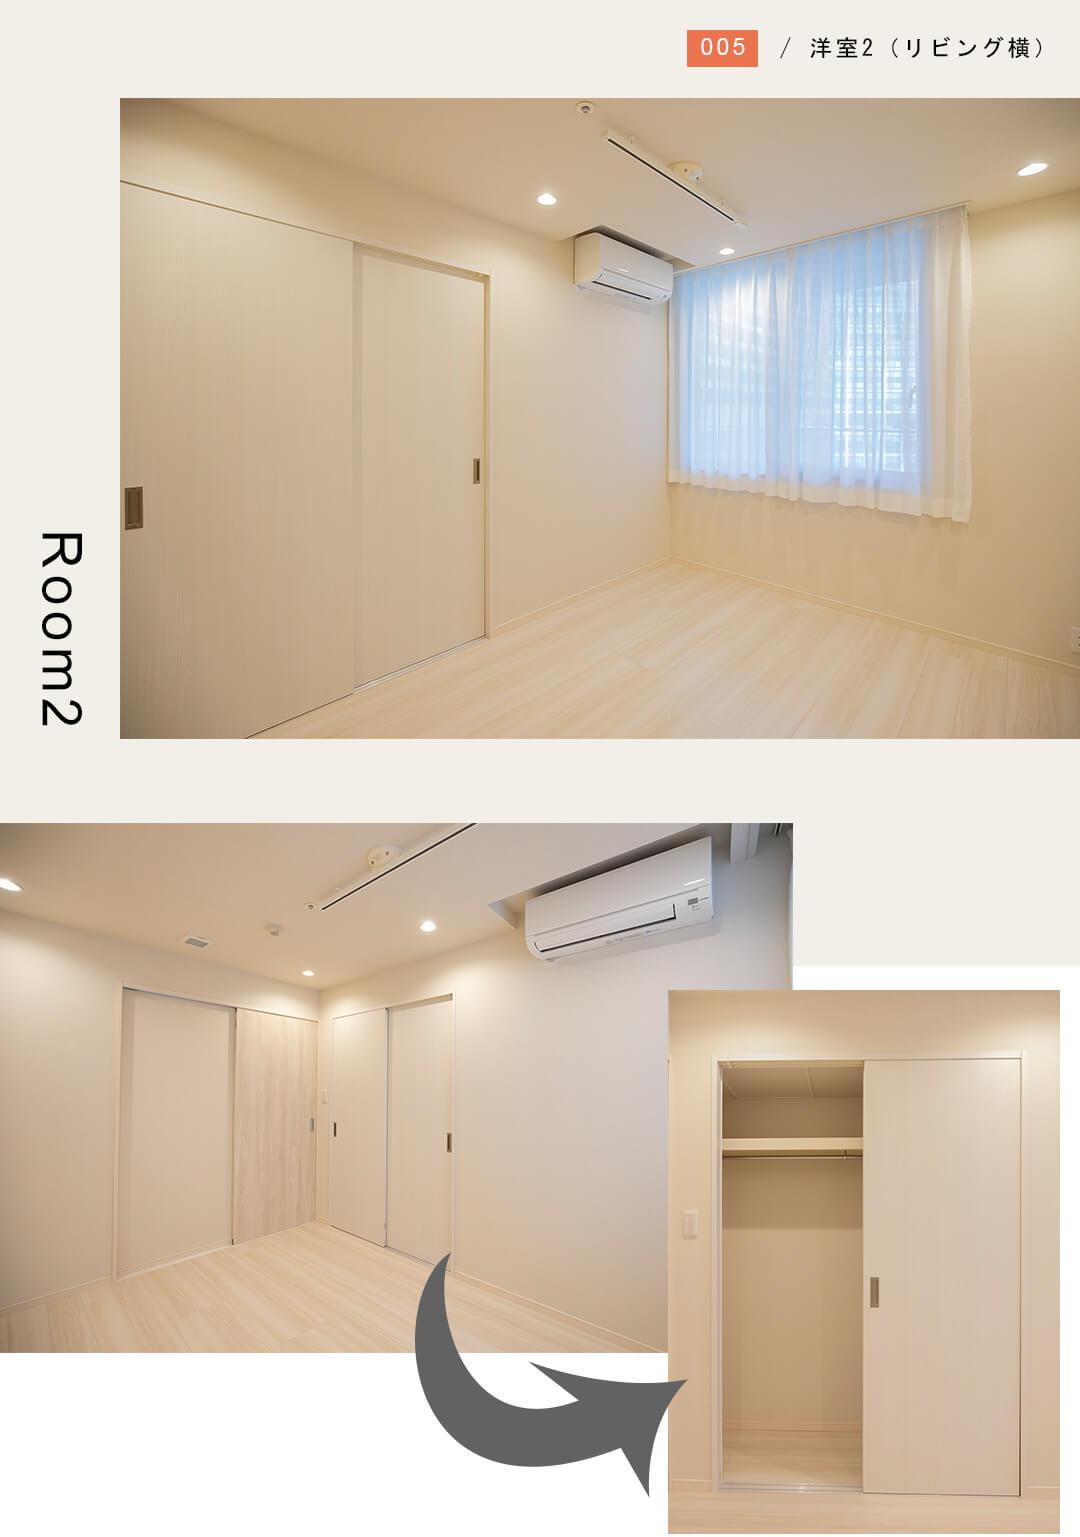 東京ツインパークレフトウイングの洋室